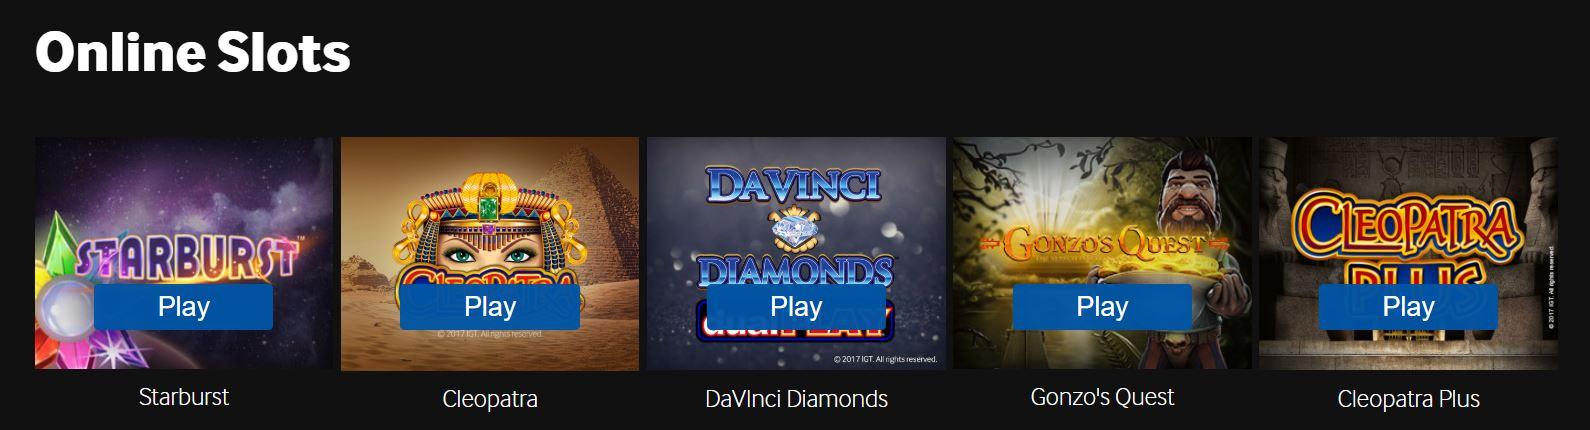 Los casinos online ofrecen gran número de juegos de casnio.